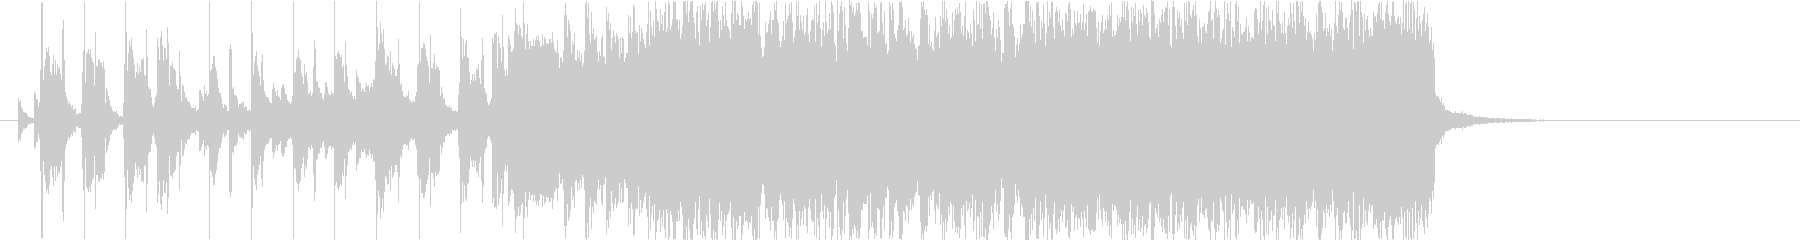 勢いのあるギターロック20秒の未再生の波形